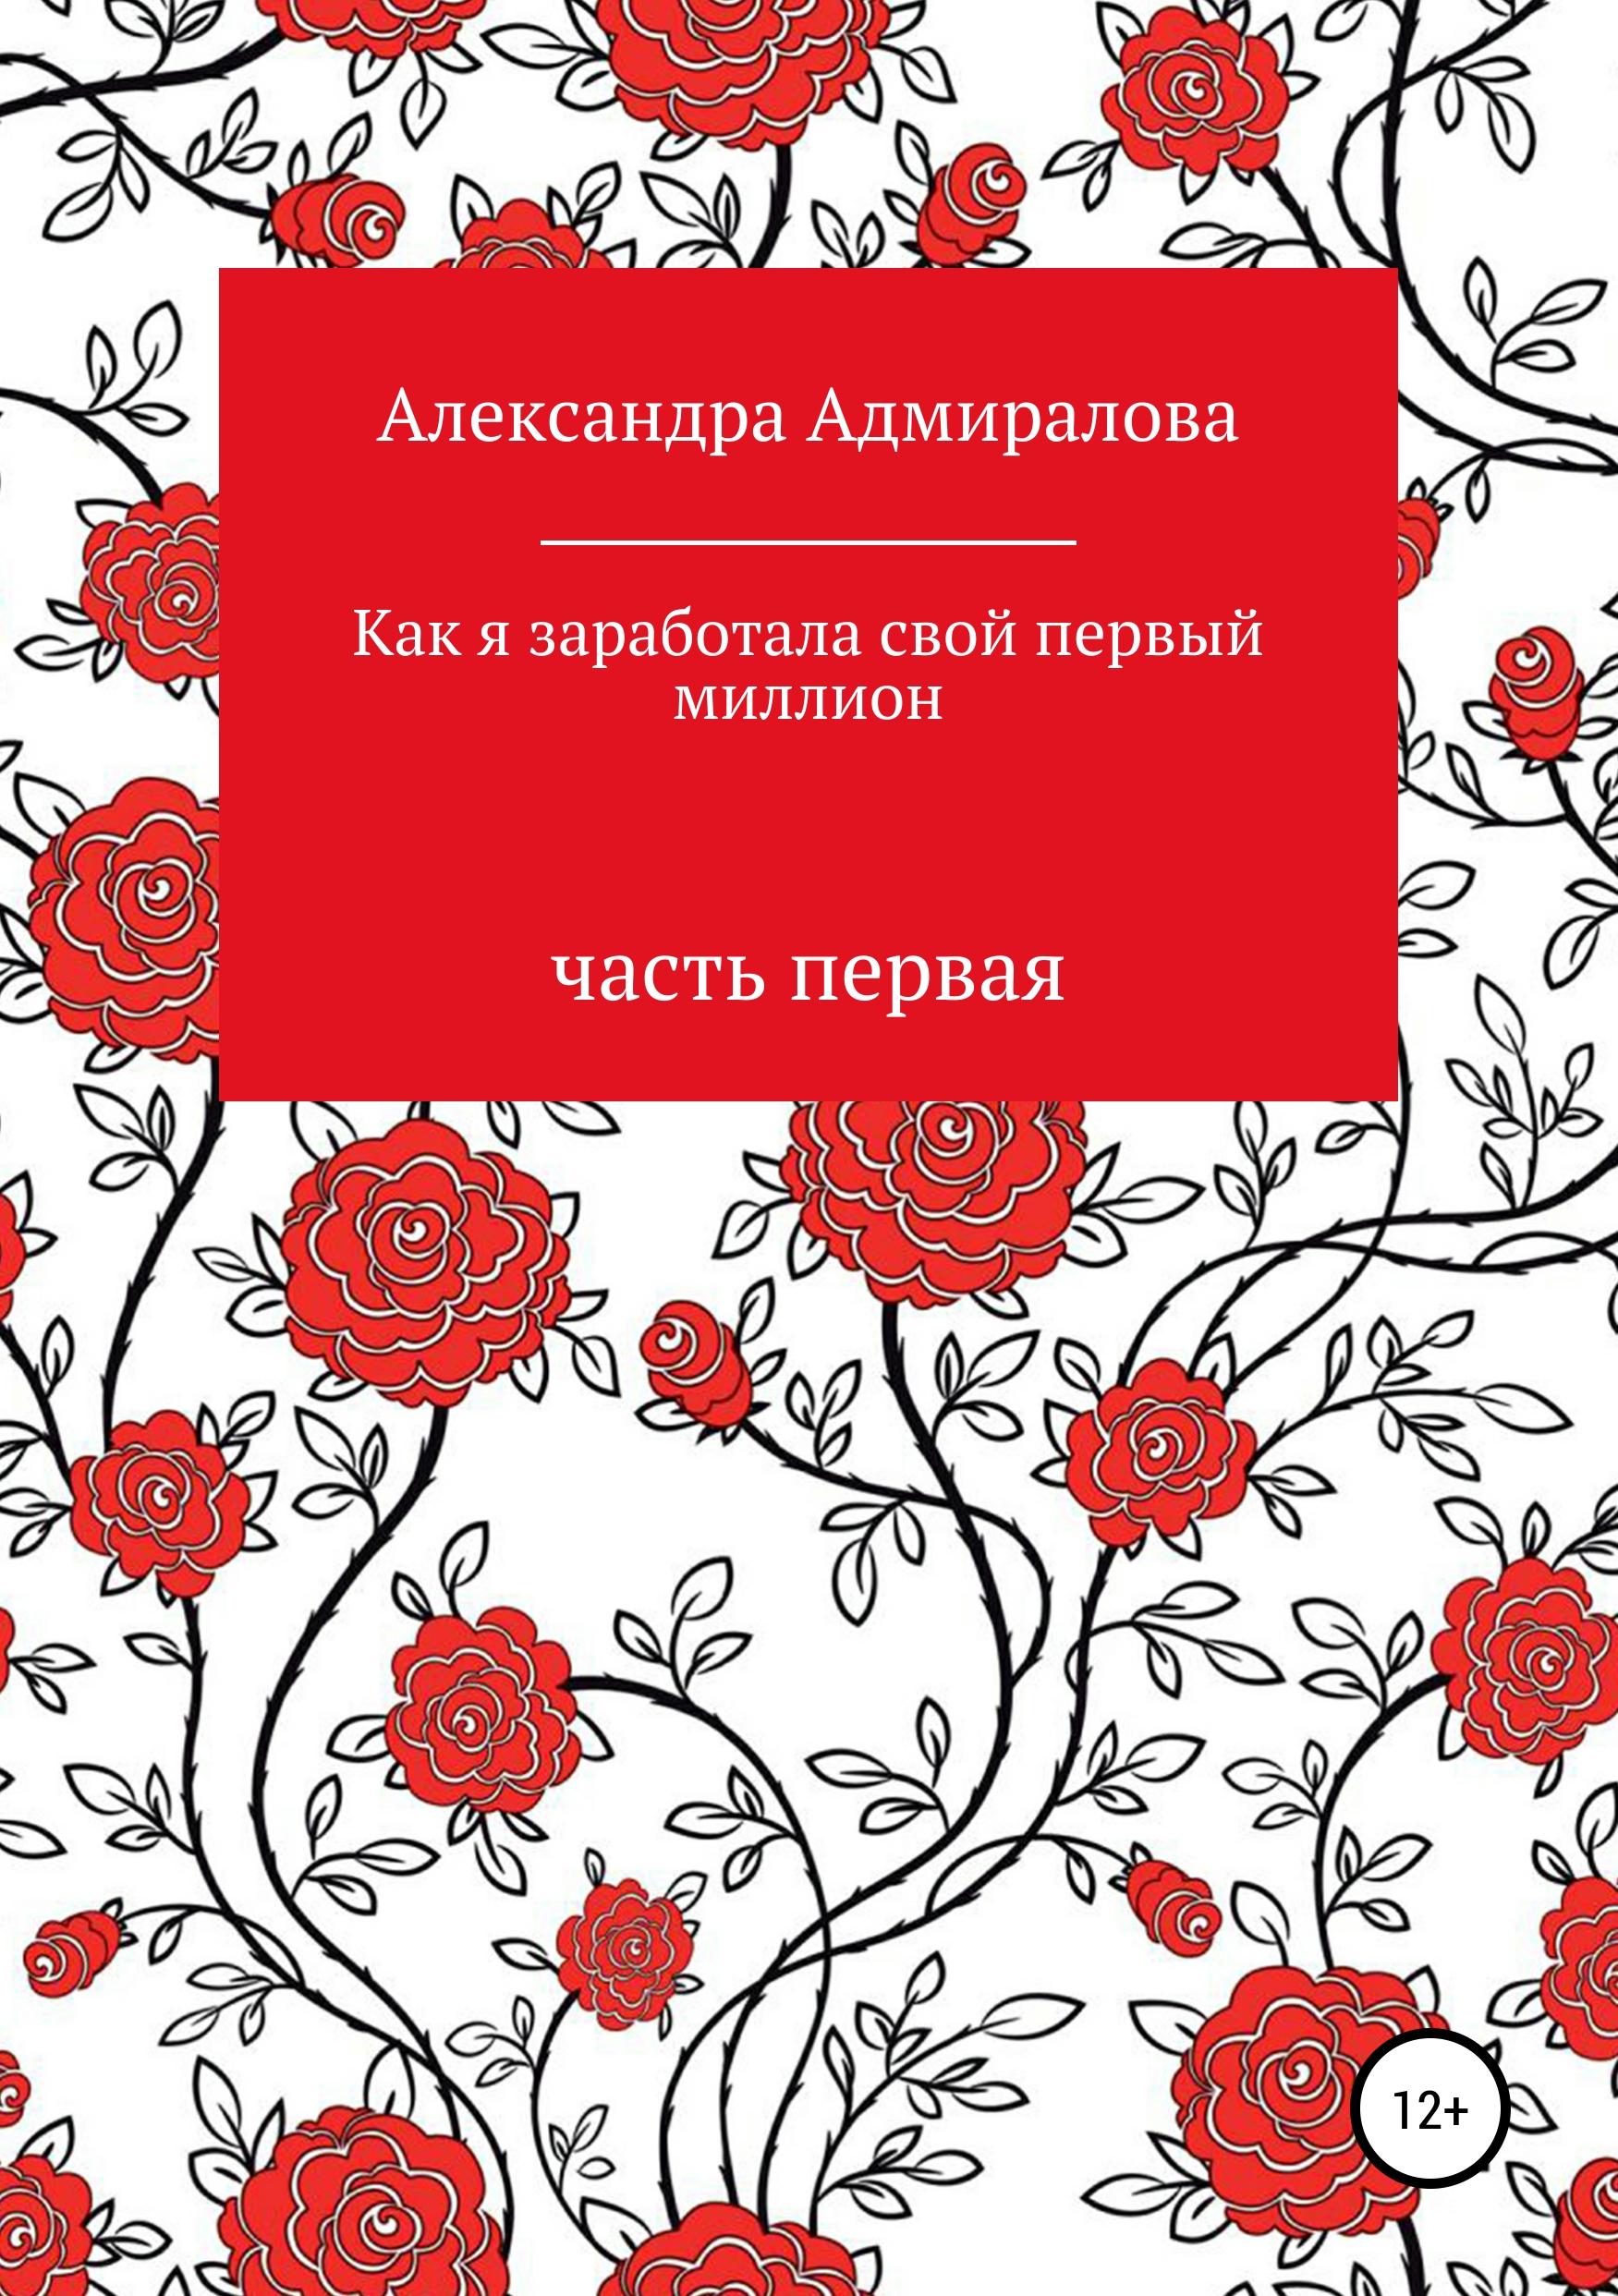 Александра Адмиралова Как я заработала свой первый миллион. Роман в стихах роман без вранья